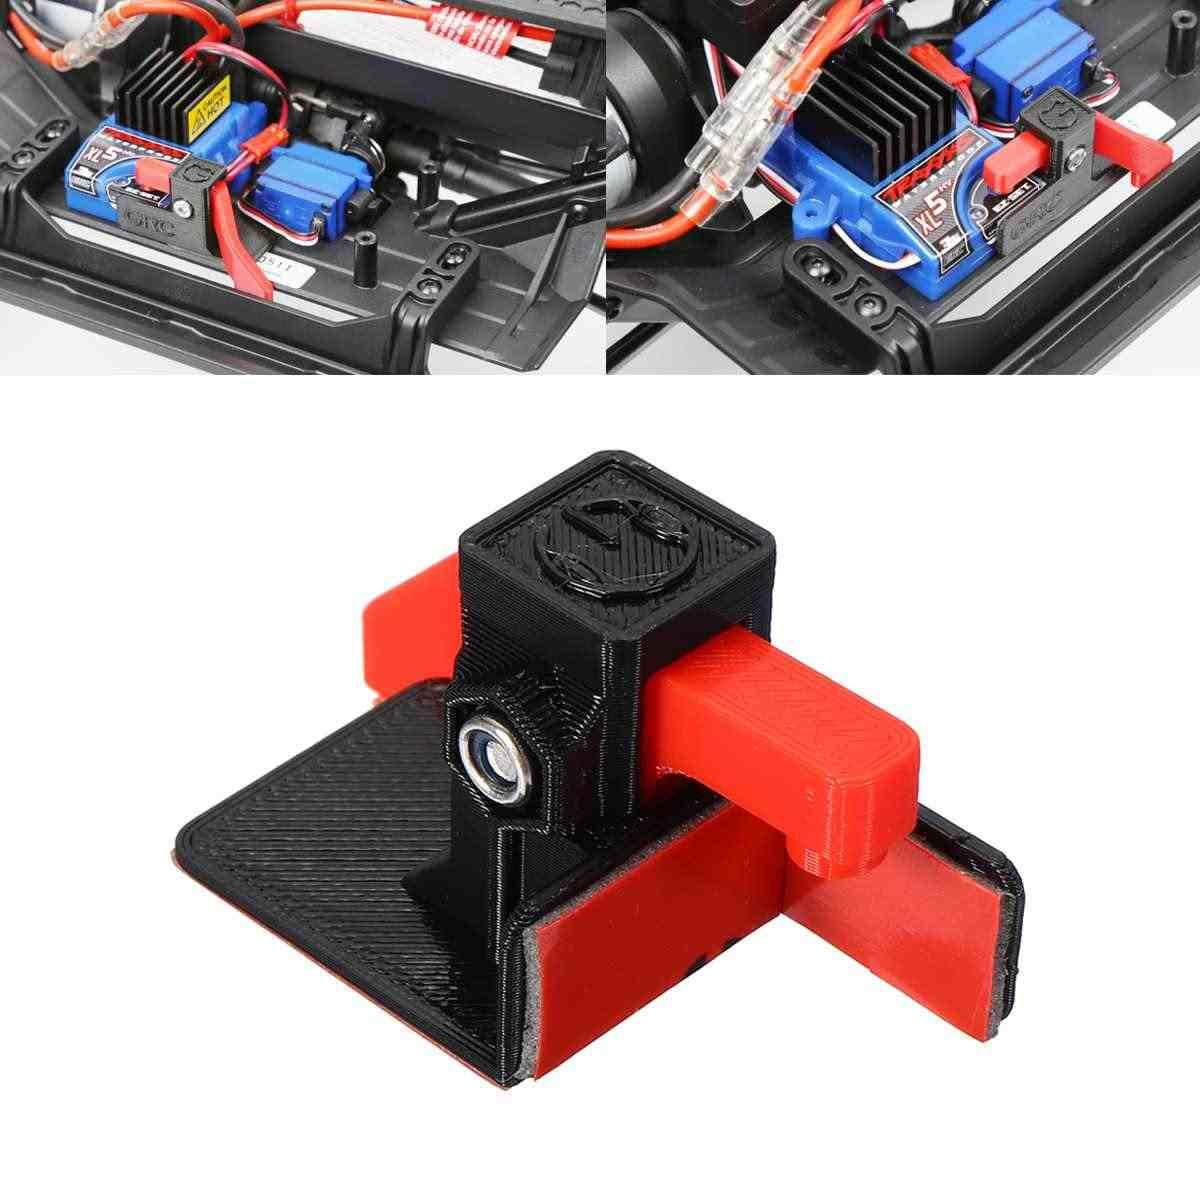 Interruptor de transferencia de coche RC para TRX-4 para la potencia del disparador de arranque de Hobbywing para 1080 esc interruptor de plástico + Kit de acero inoxidable